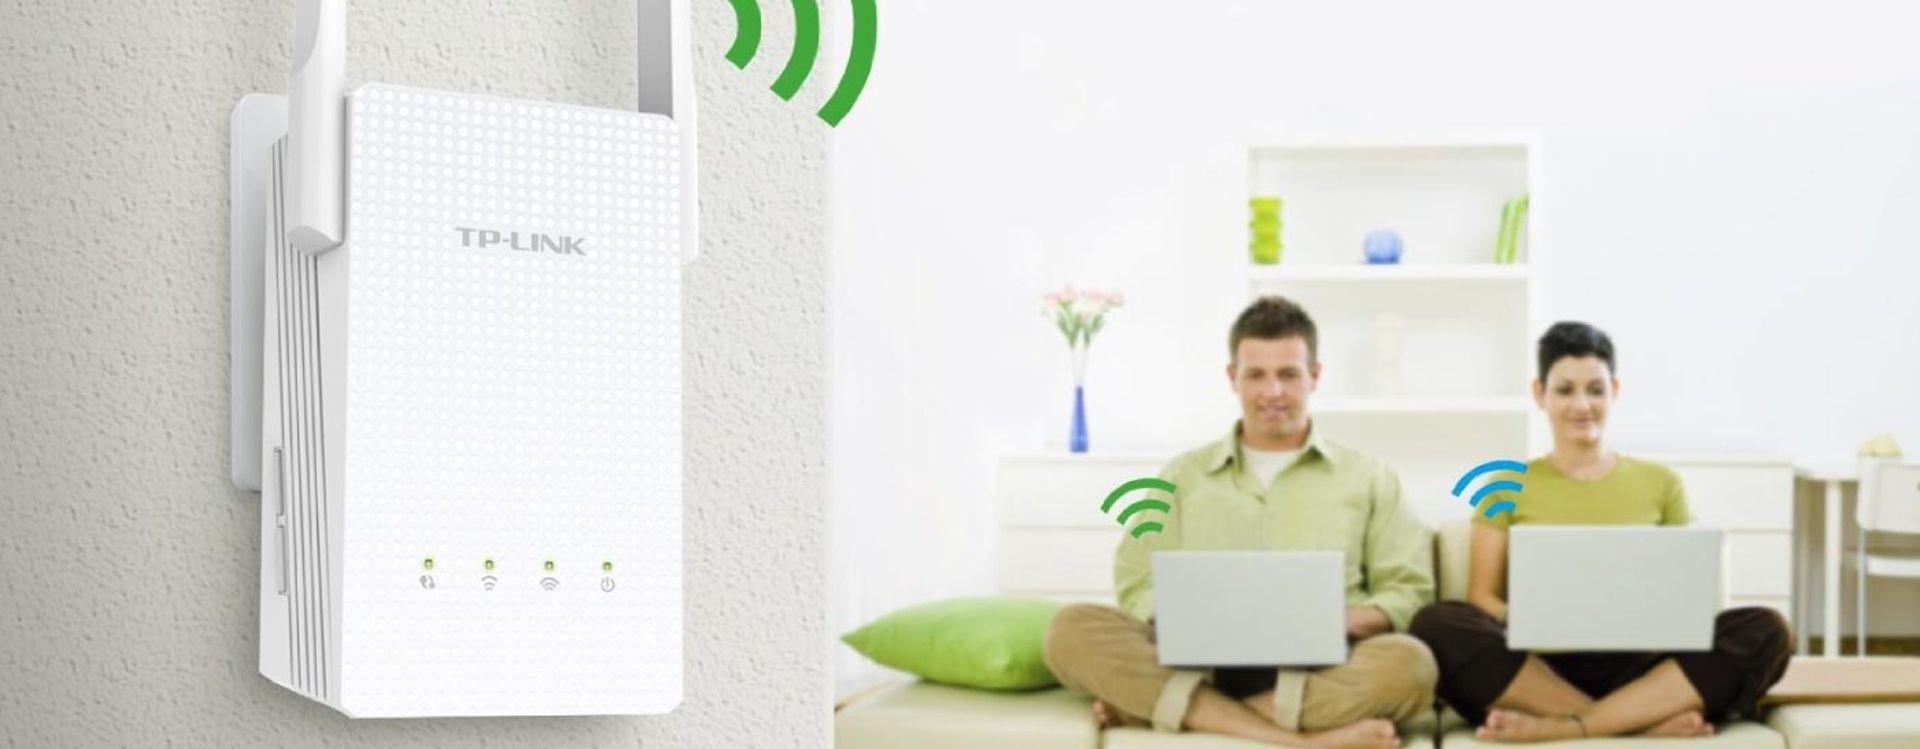 أجهزة تقوية إشارات الراوتر مهمة في الشركات والمنازل الكبيرة على حد سواء.